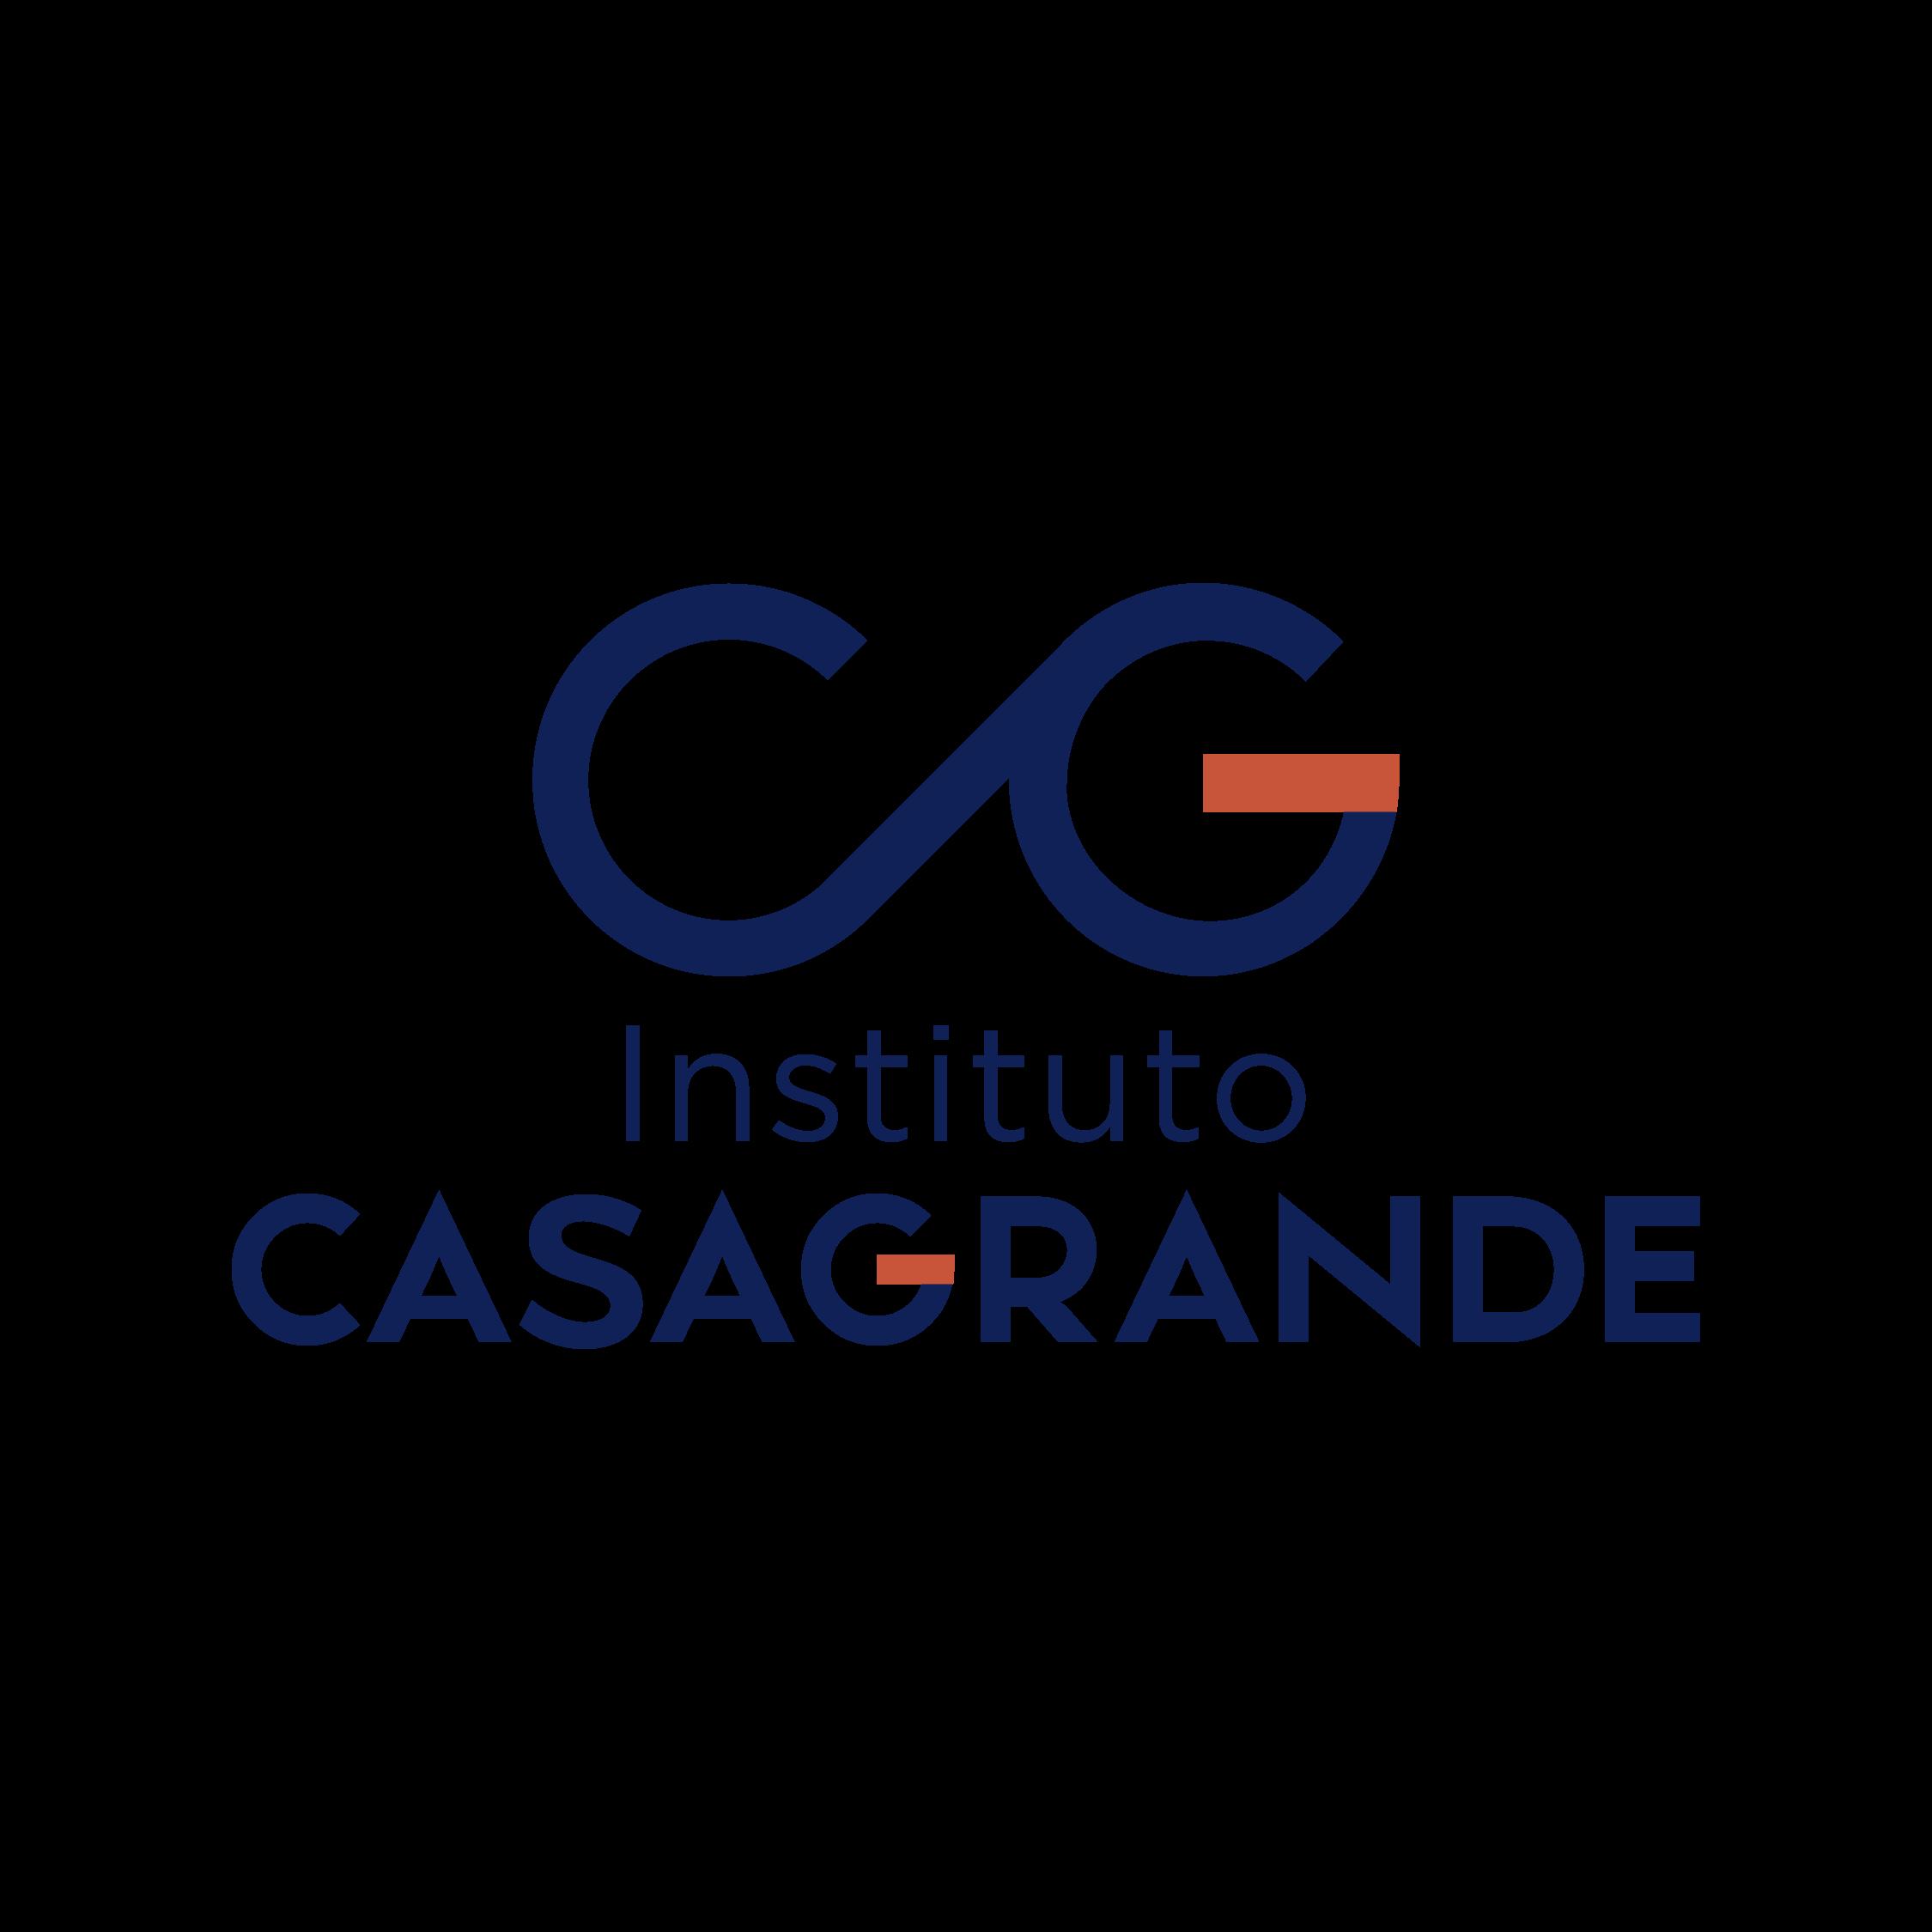 INSTITUTO CASAGRANDE